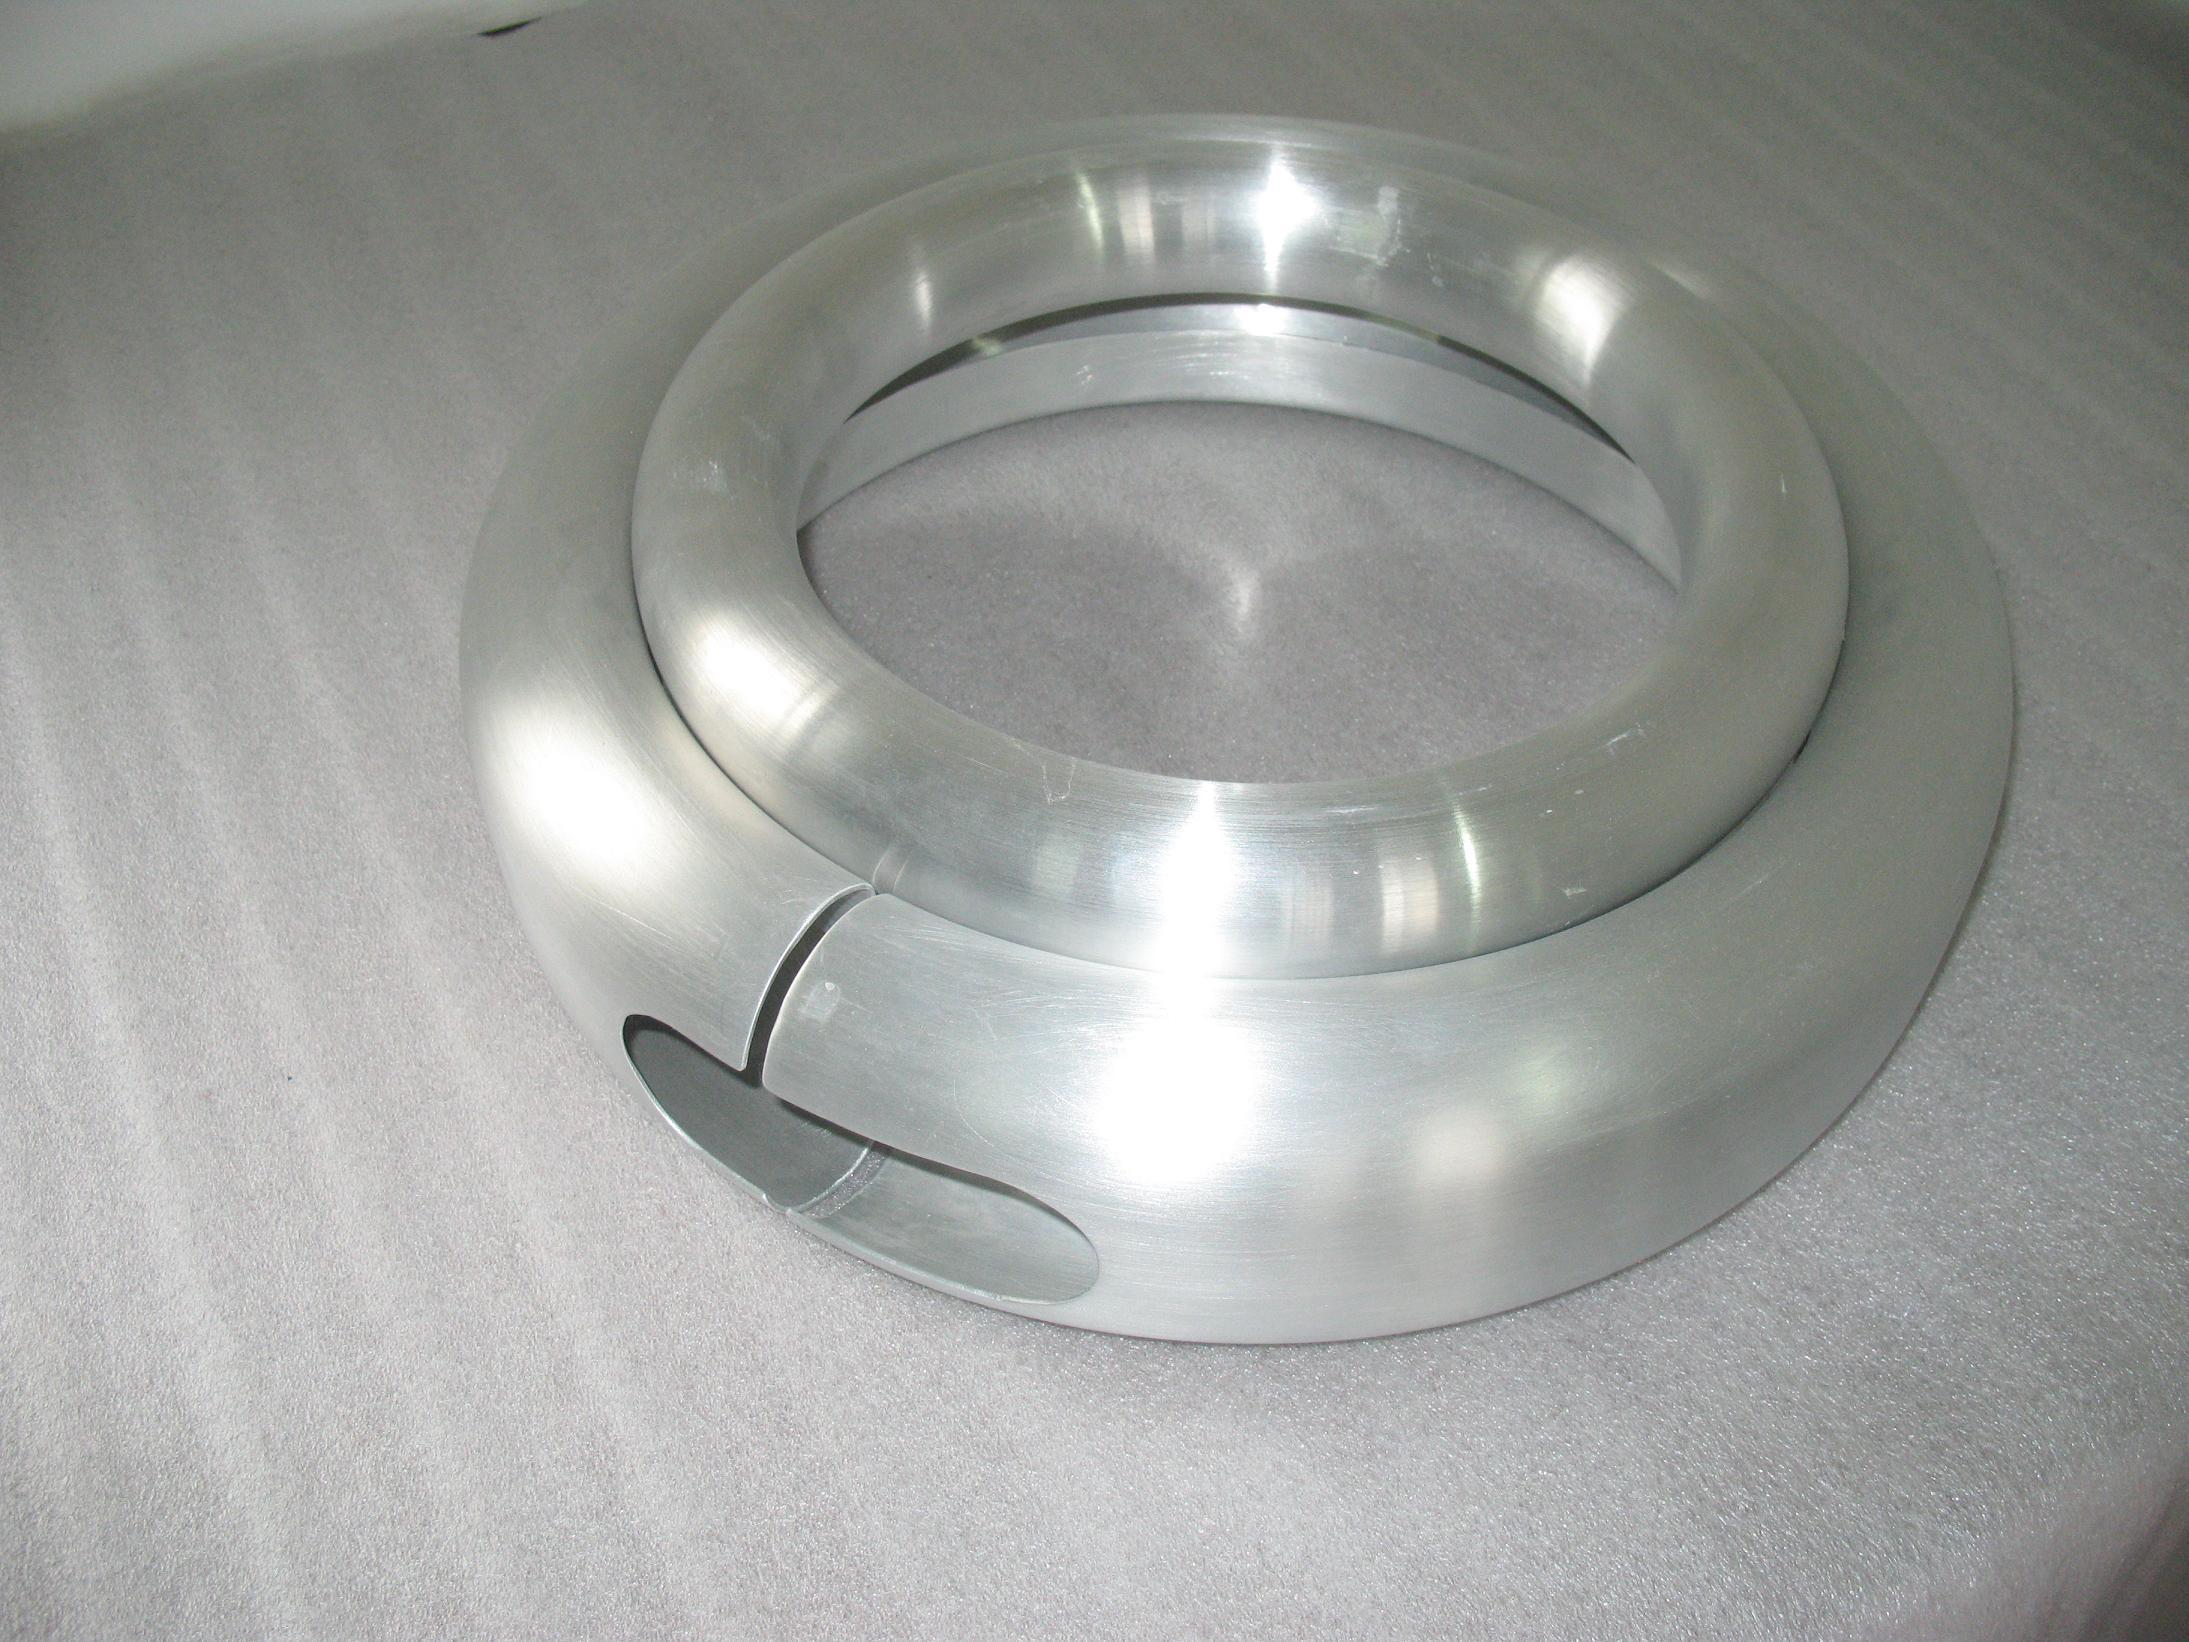 高压屏蔽罩、高压电极-高压开关GIS配套使用